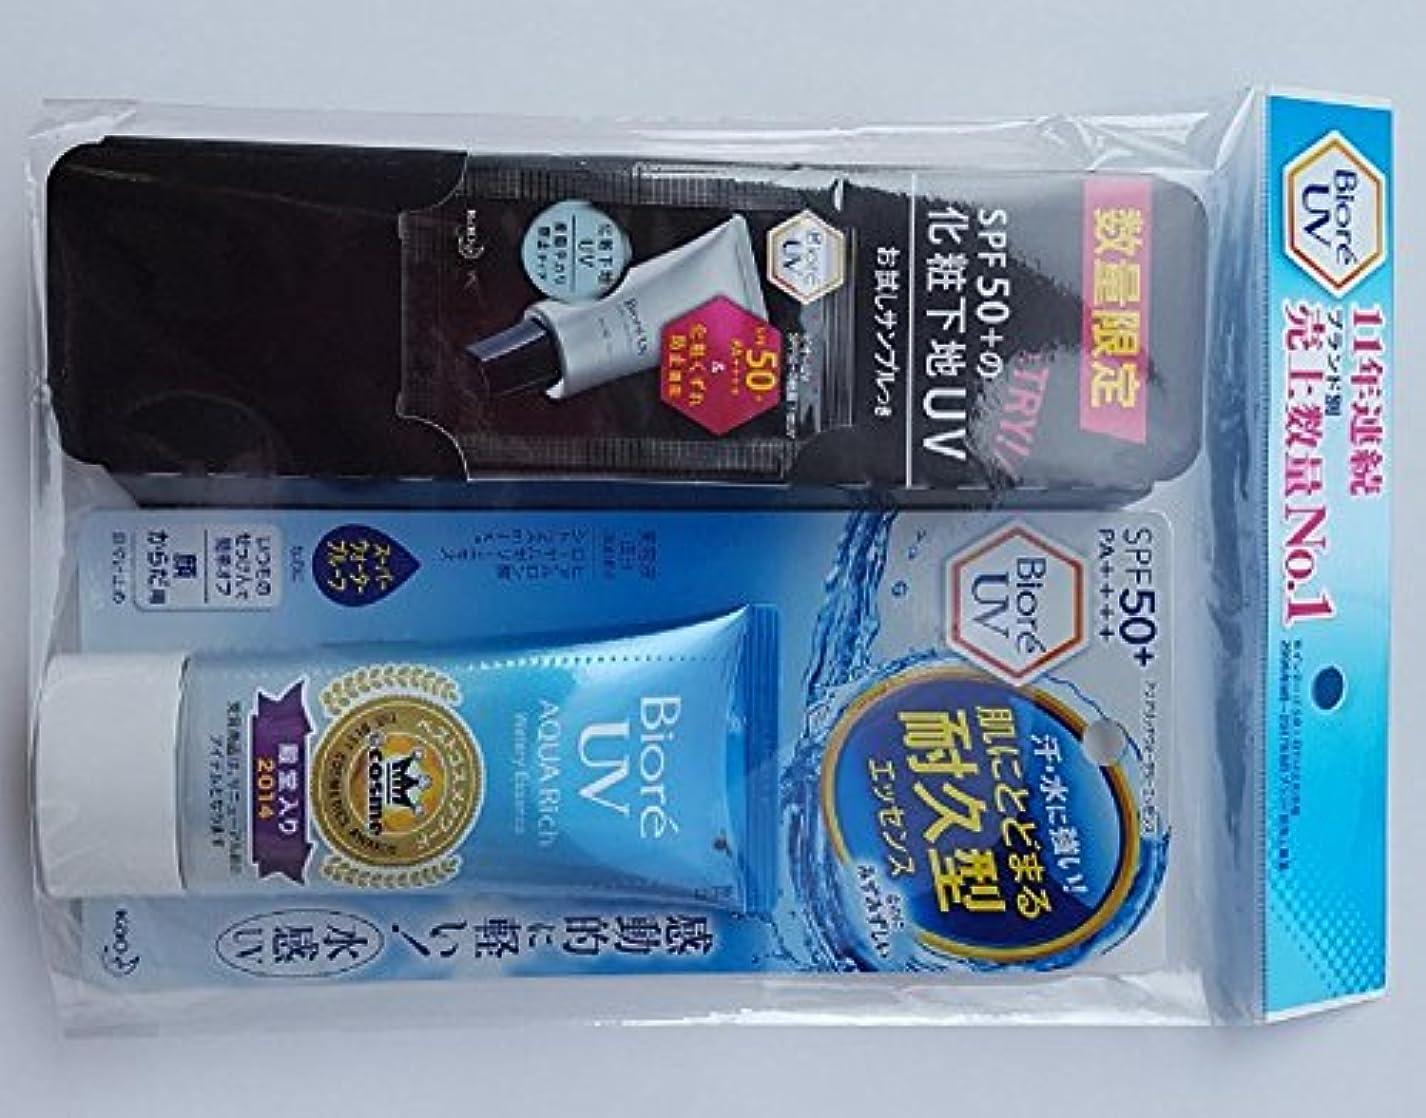 でも同盟眉ビオレ UV アクアリッチ ウォータリーエッセンス SPF50+/PA++++ 50g +ビオレ UV 化粧下地UV 皮脂テカリ防止(試供品)1回分付き